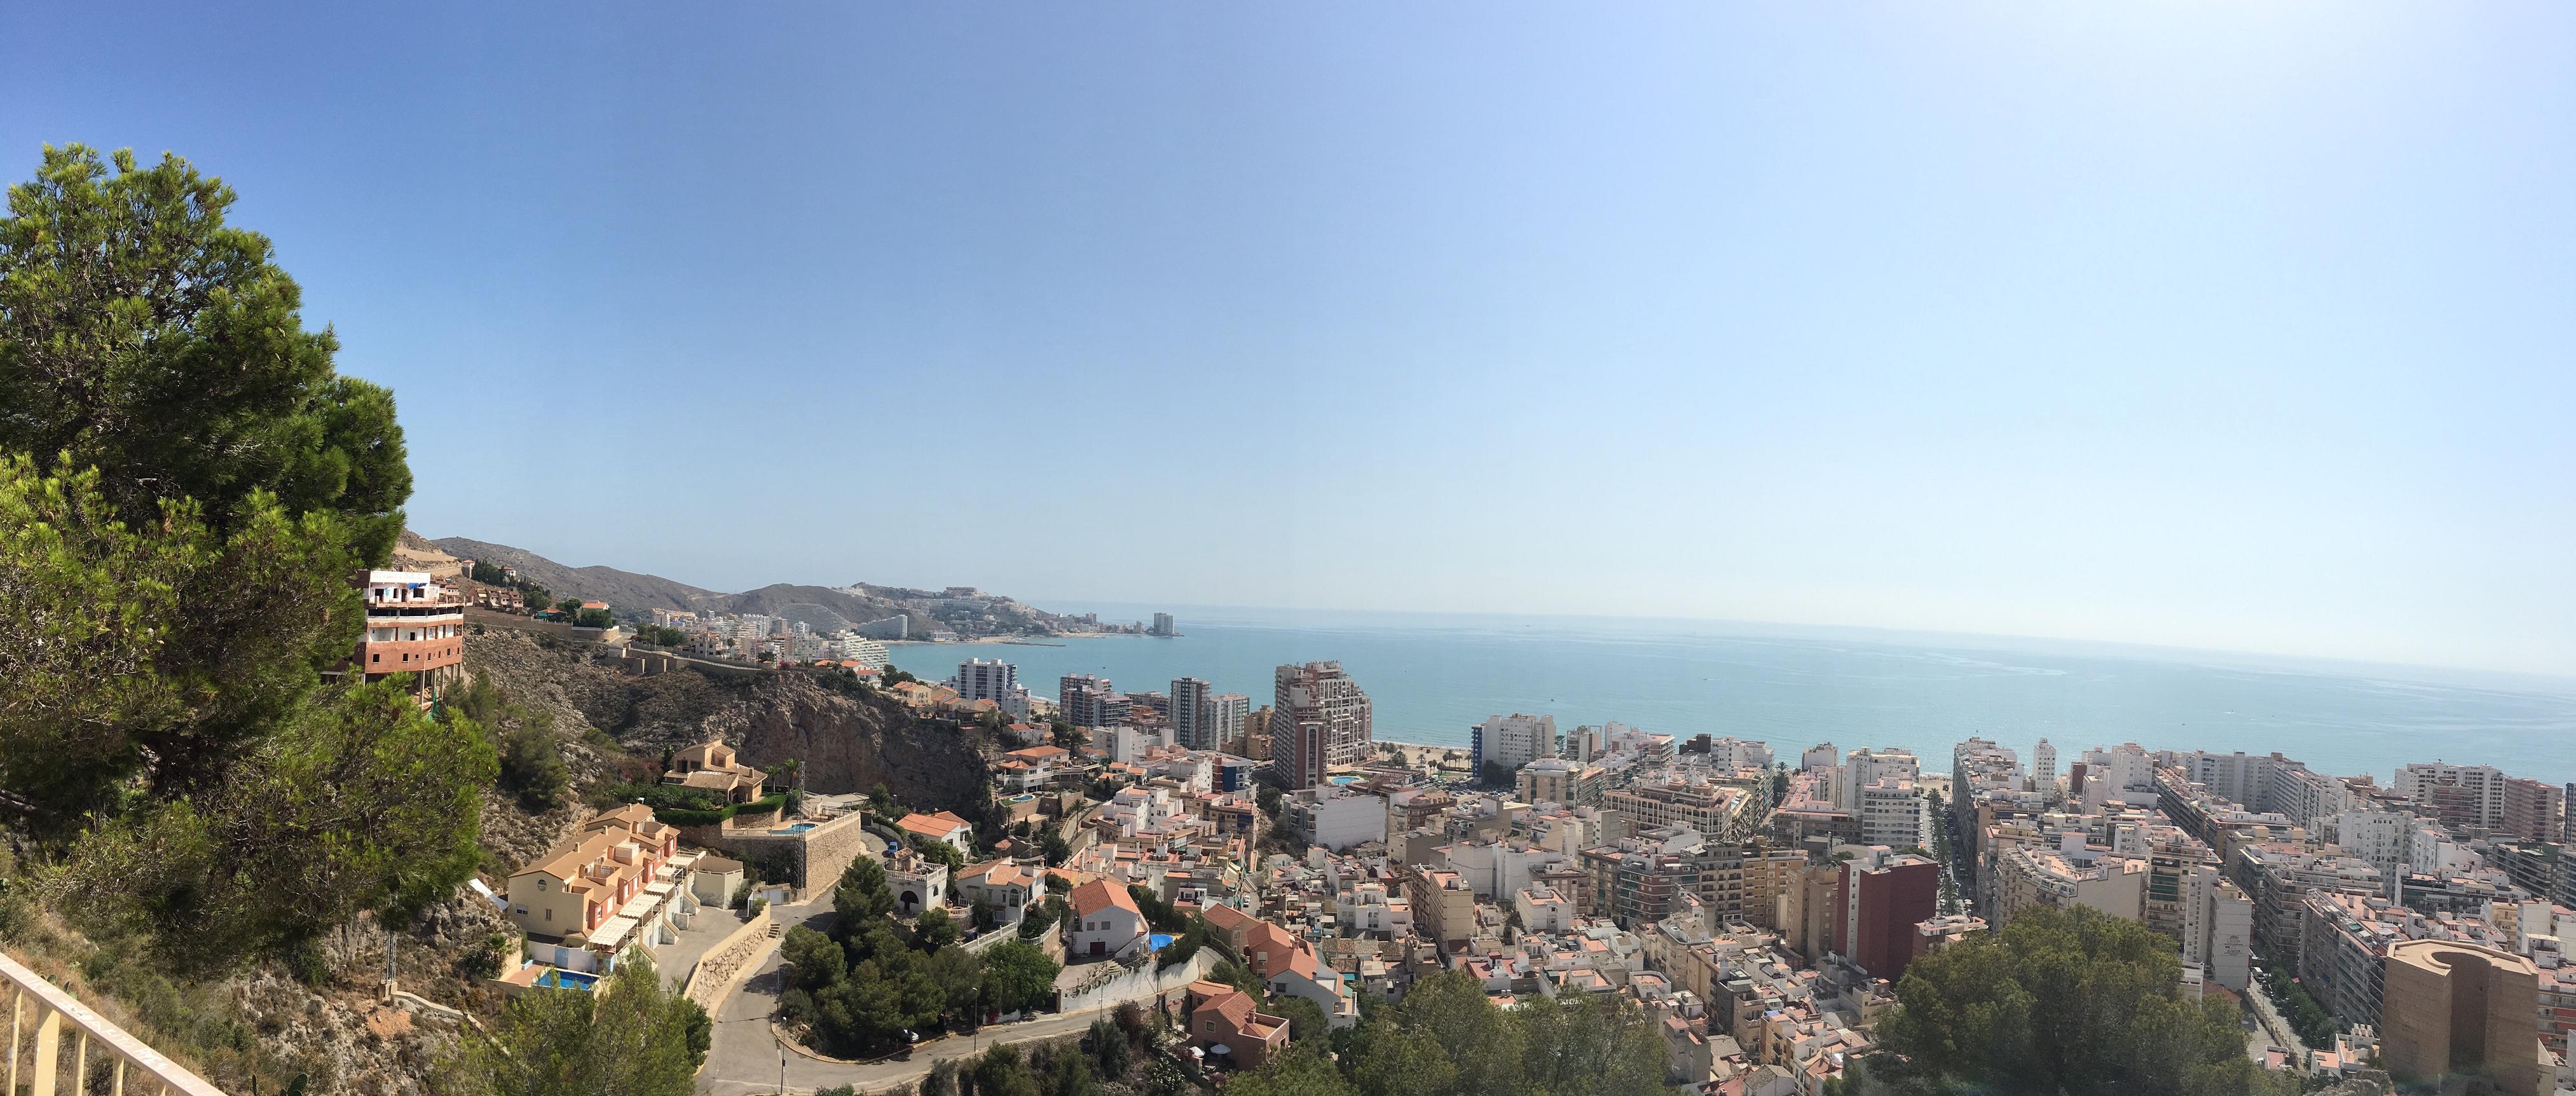 Vista de la bahía de Cullera desde el castillo